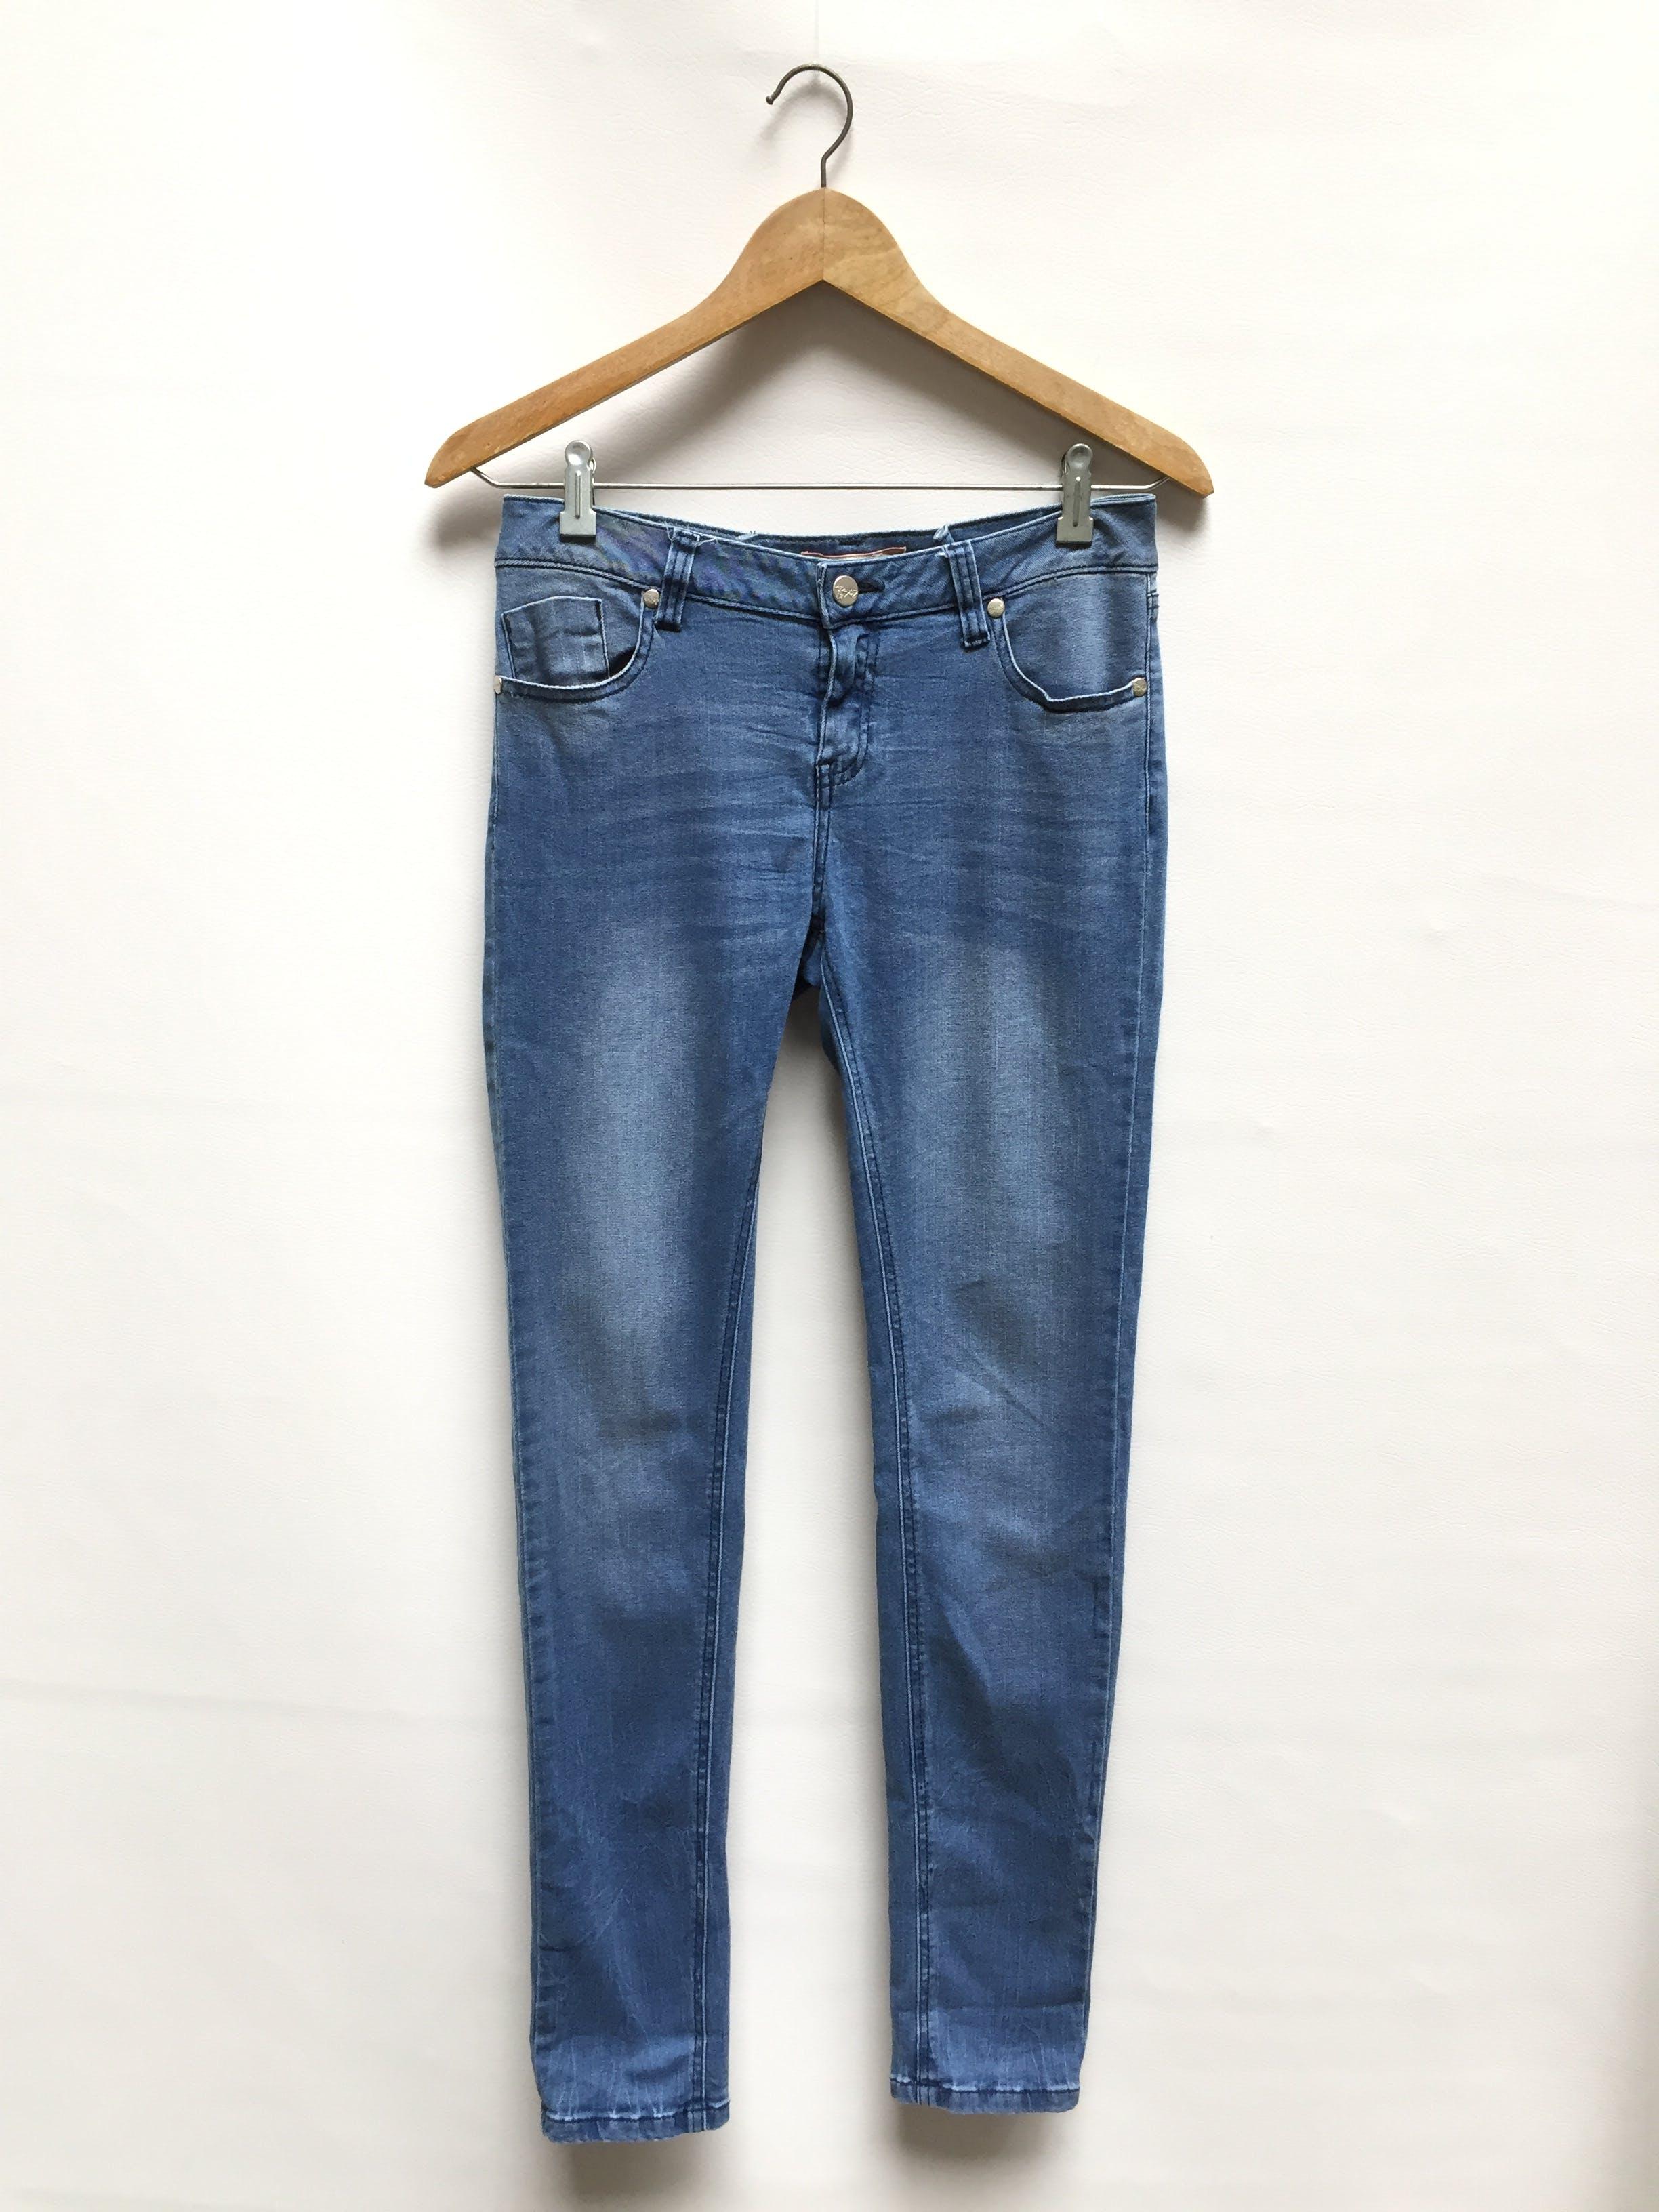 pantalon jean-Essentiel By Michelle Belau-imagen